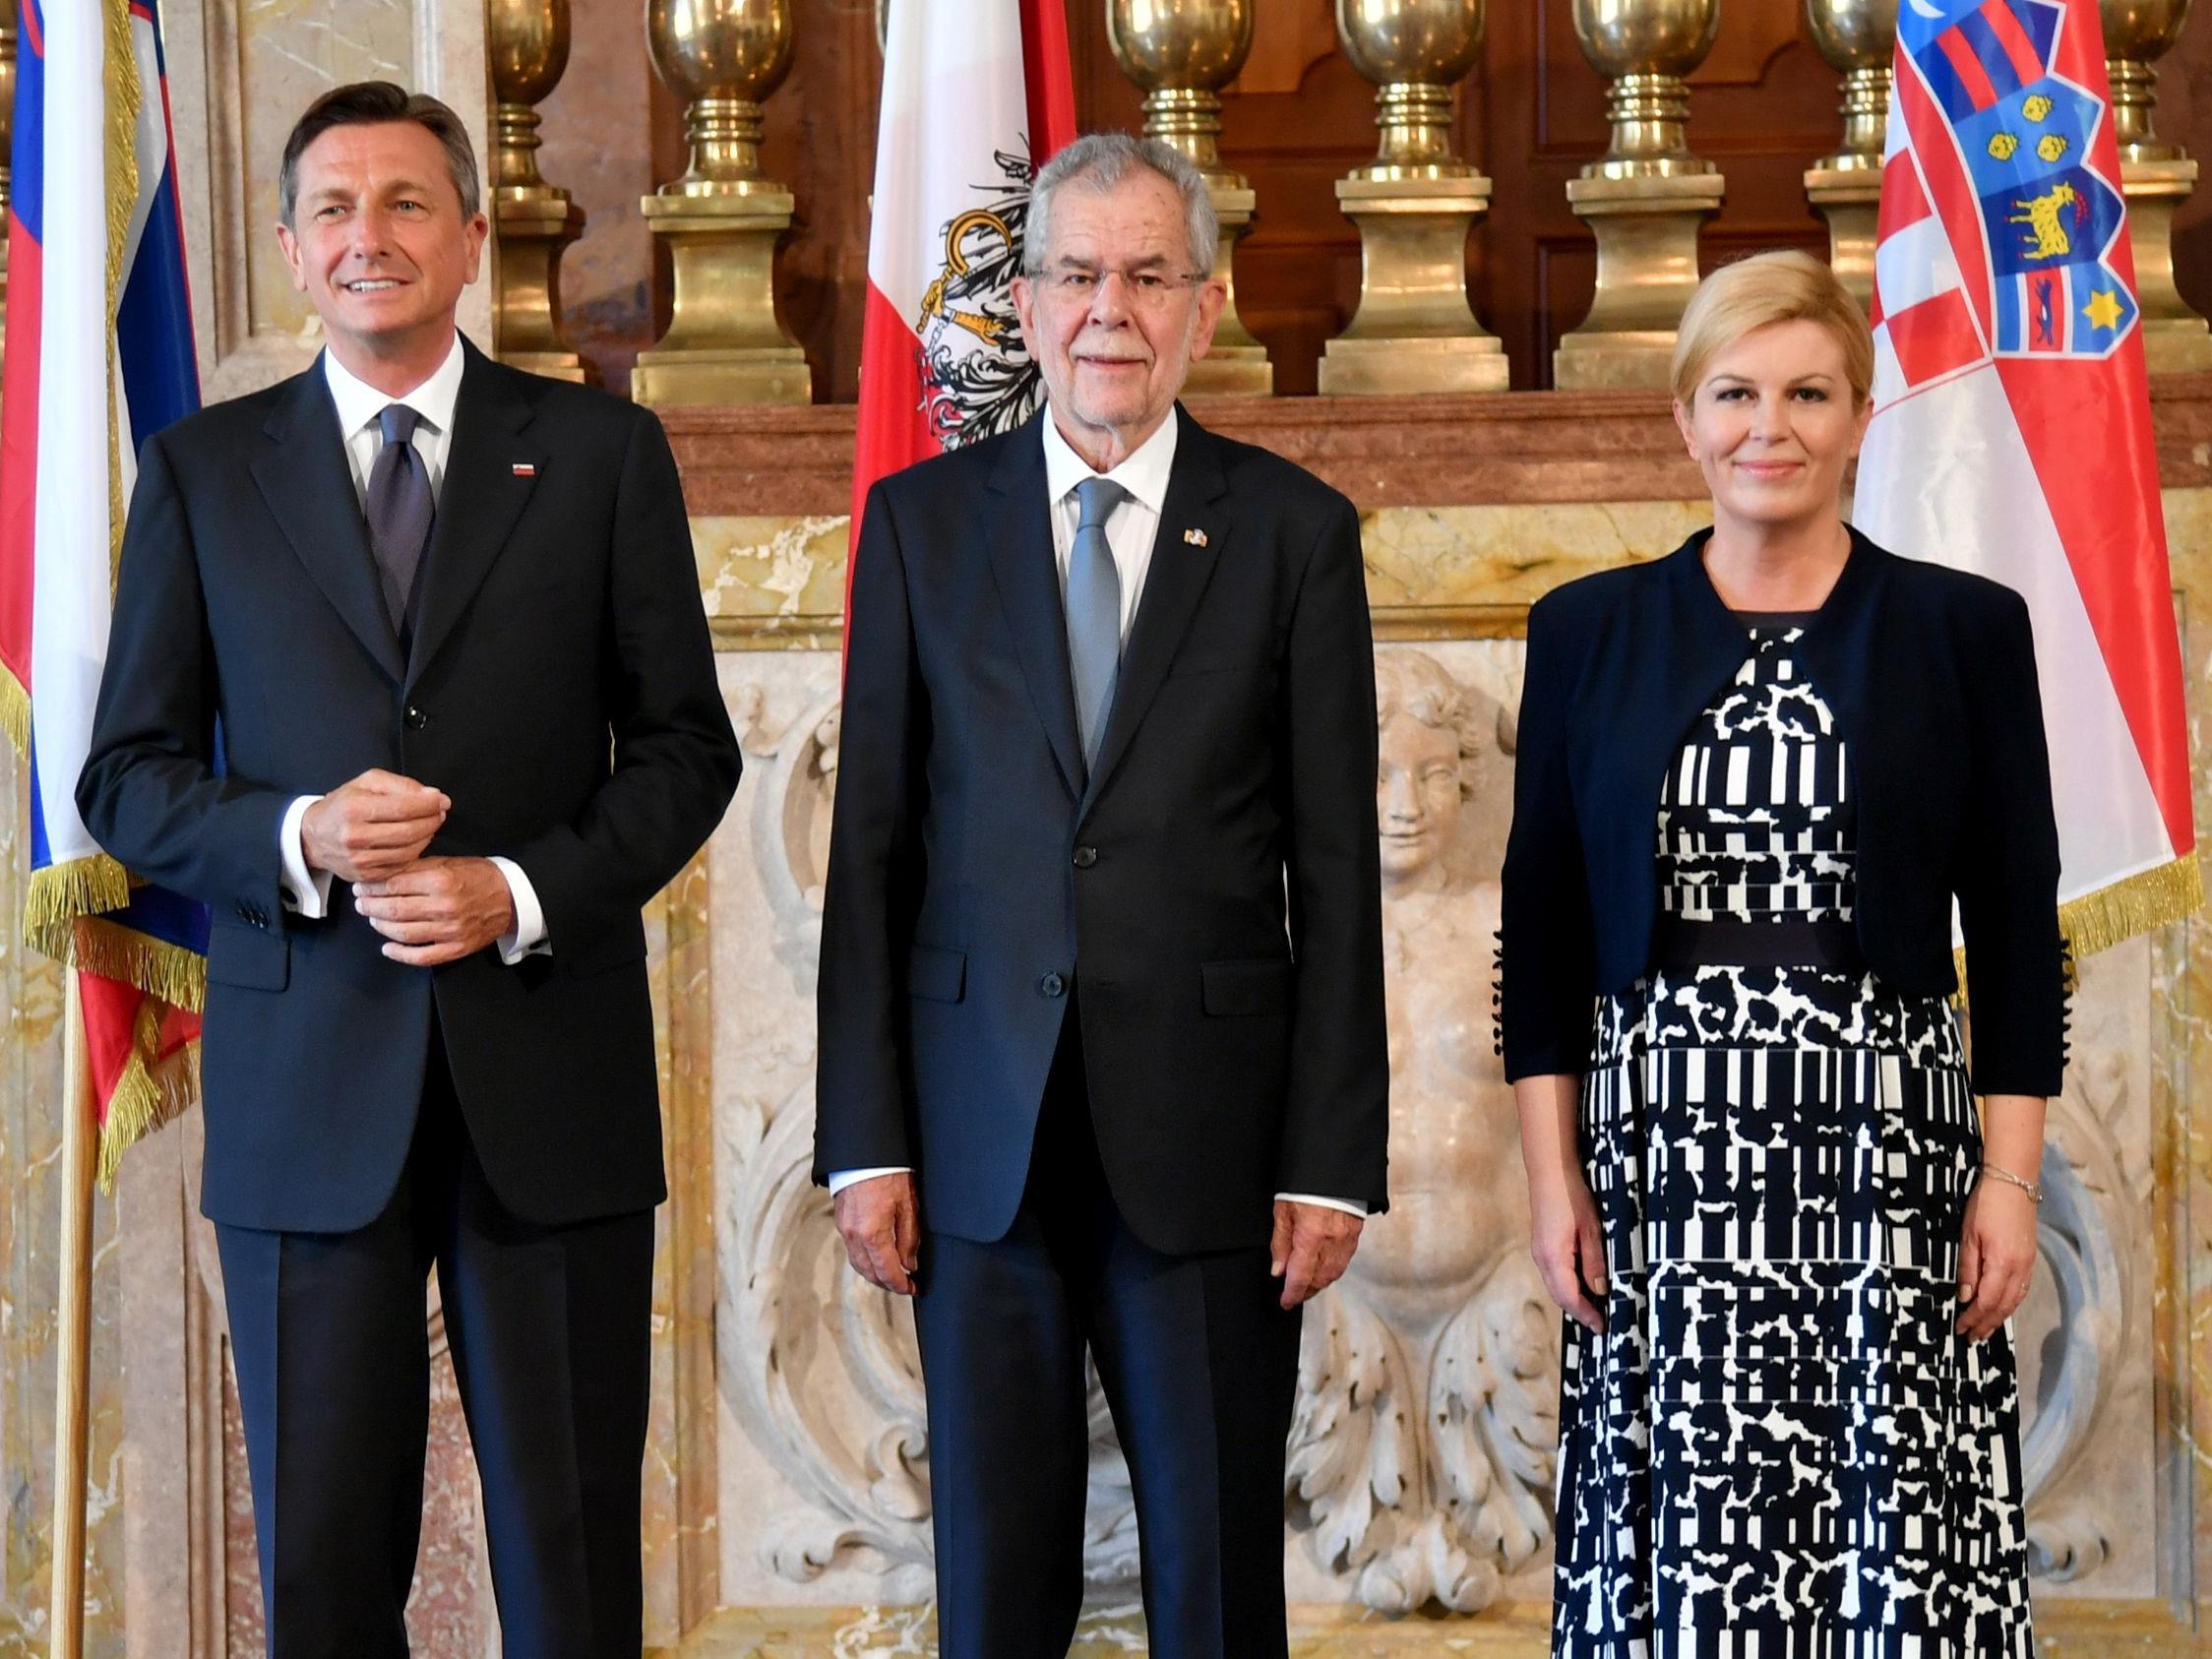 Die Staatsoberhäupter Sloweniens, Kroatiens und Österreichs beim Treffen in Salzburg